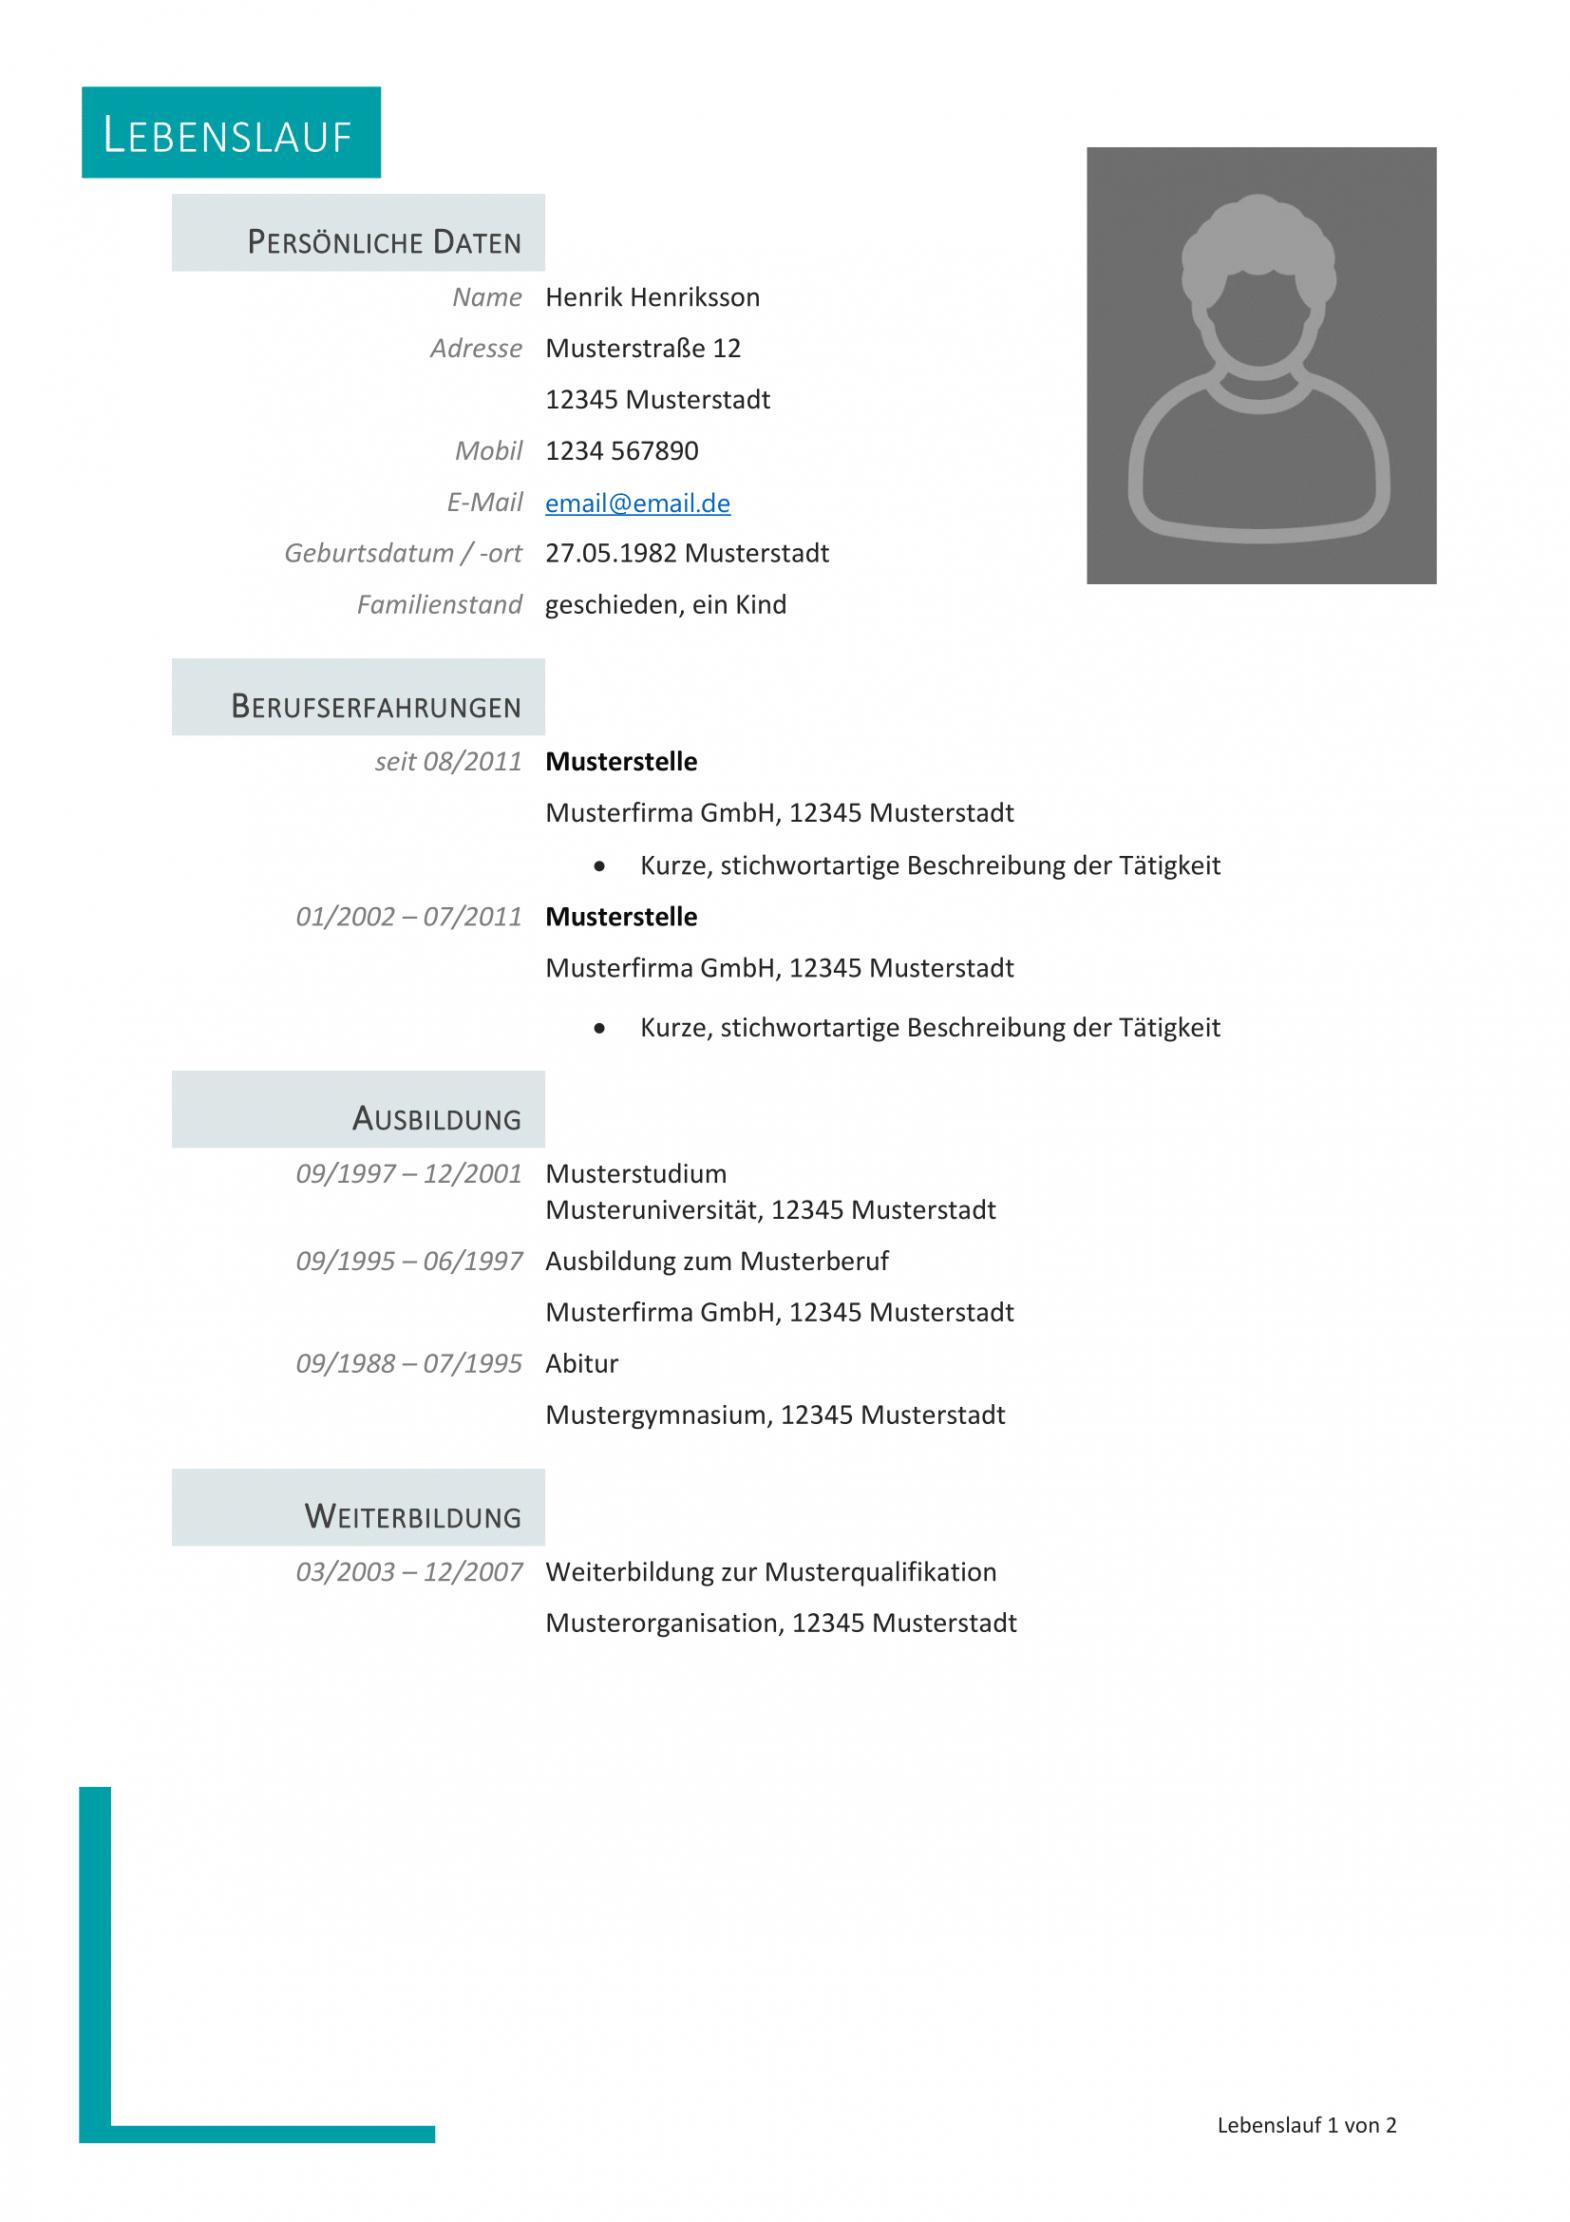 Kostenlose Lebenslauf Muster Und Vorlagen Für Deine Bewerbung 2018 Lebenslauf Vorlage Job